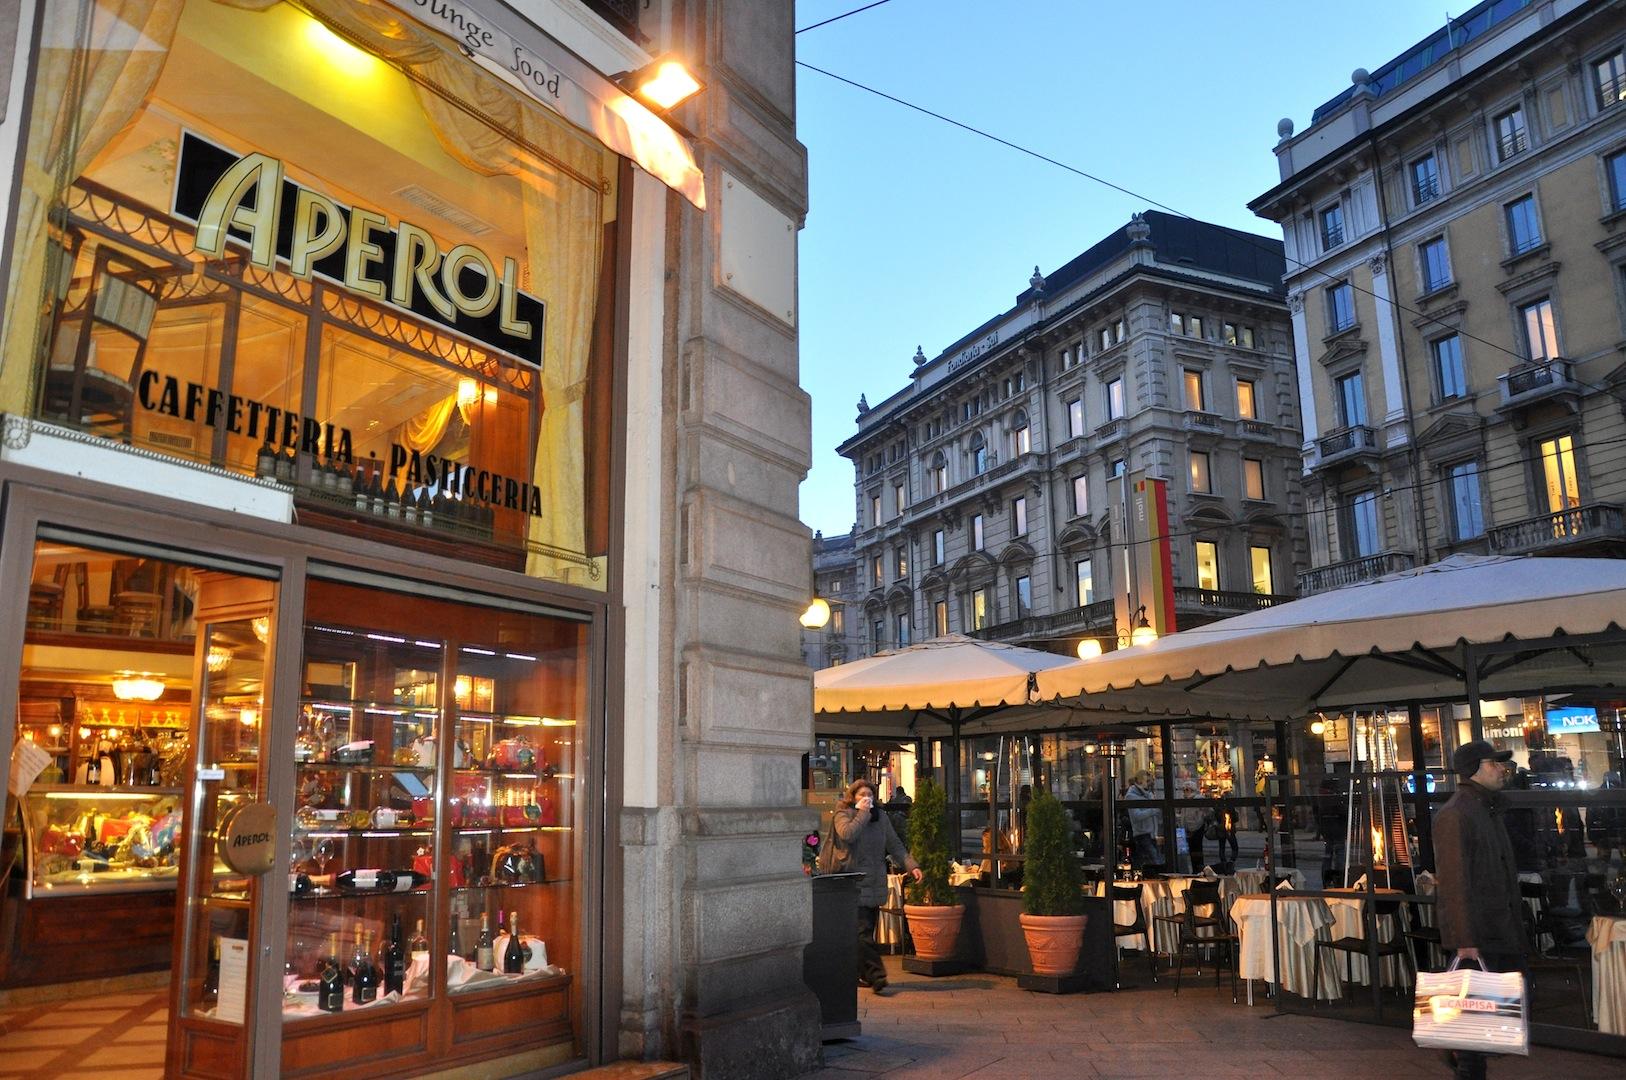 Caff aperol a milano centro storico overplace for Negozi arredamento milano centro